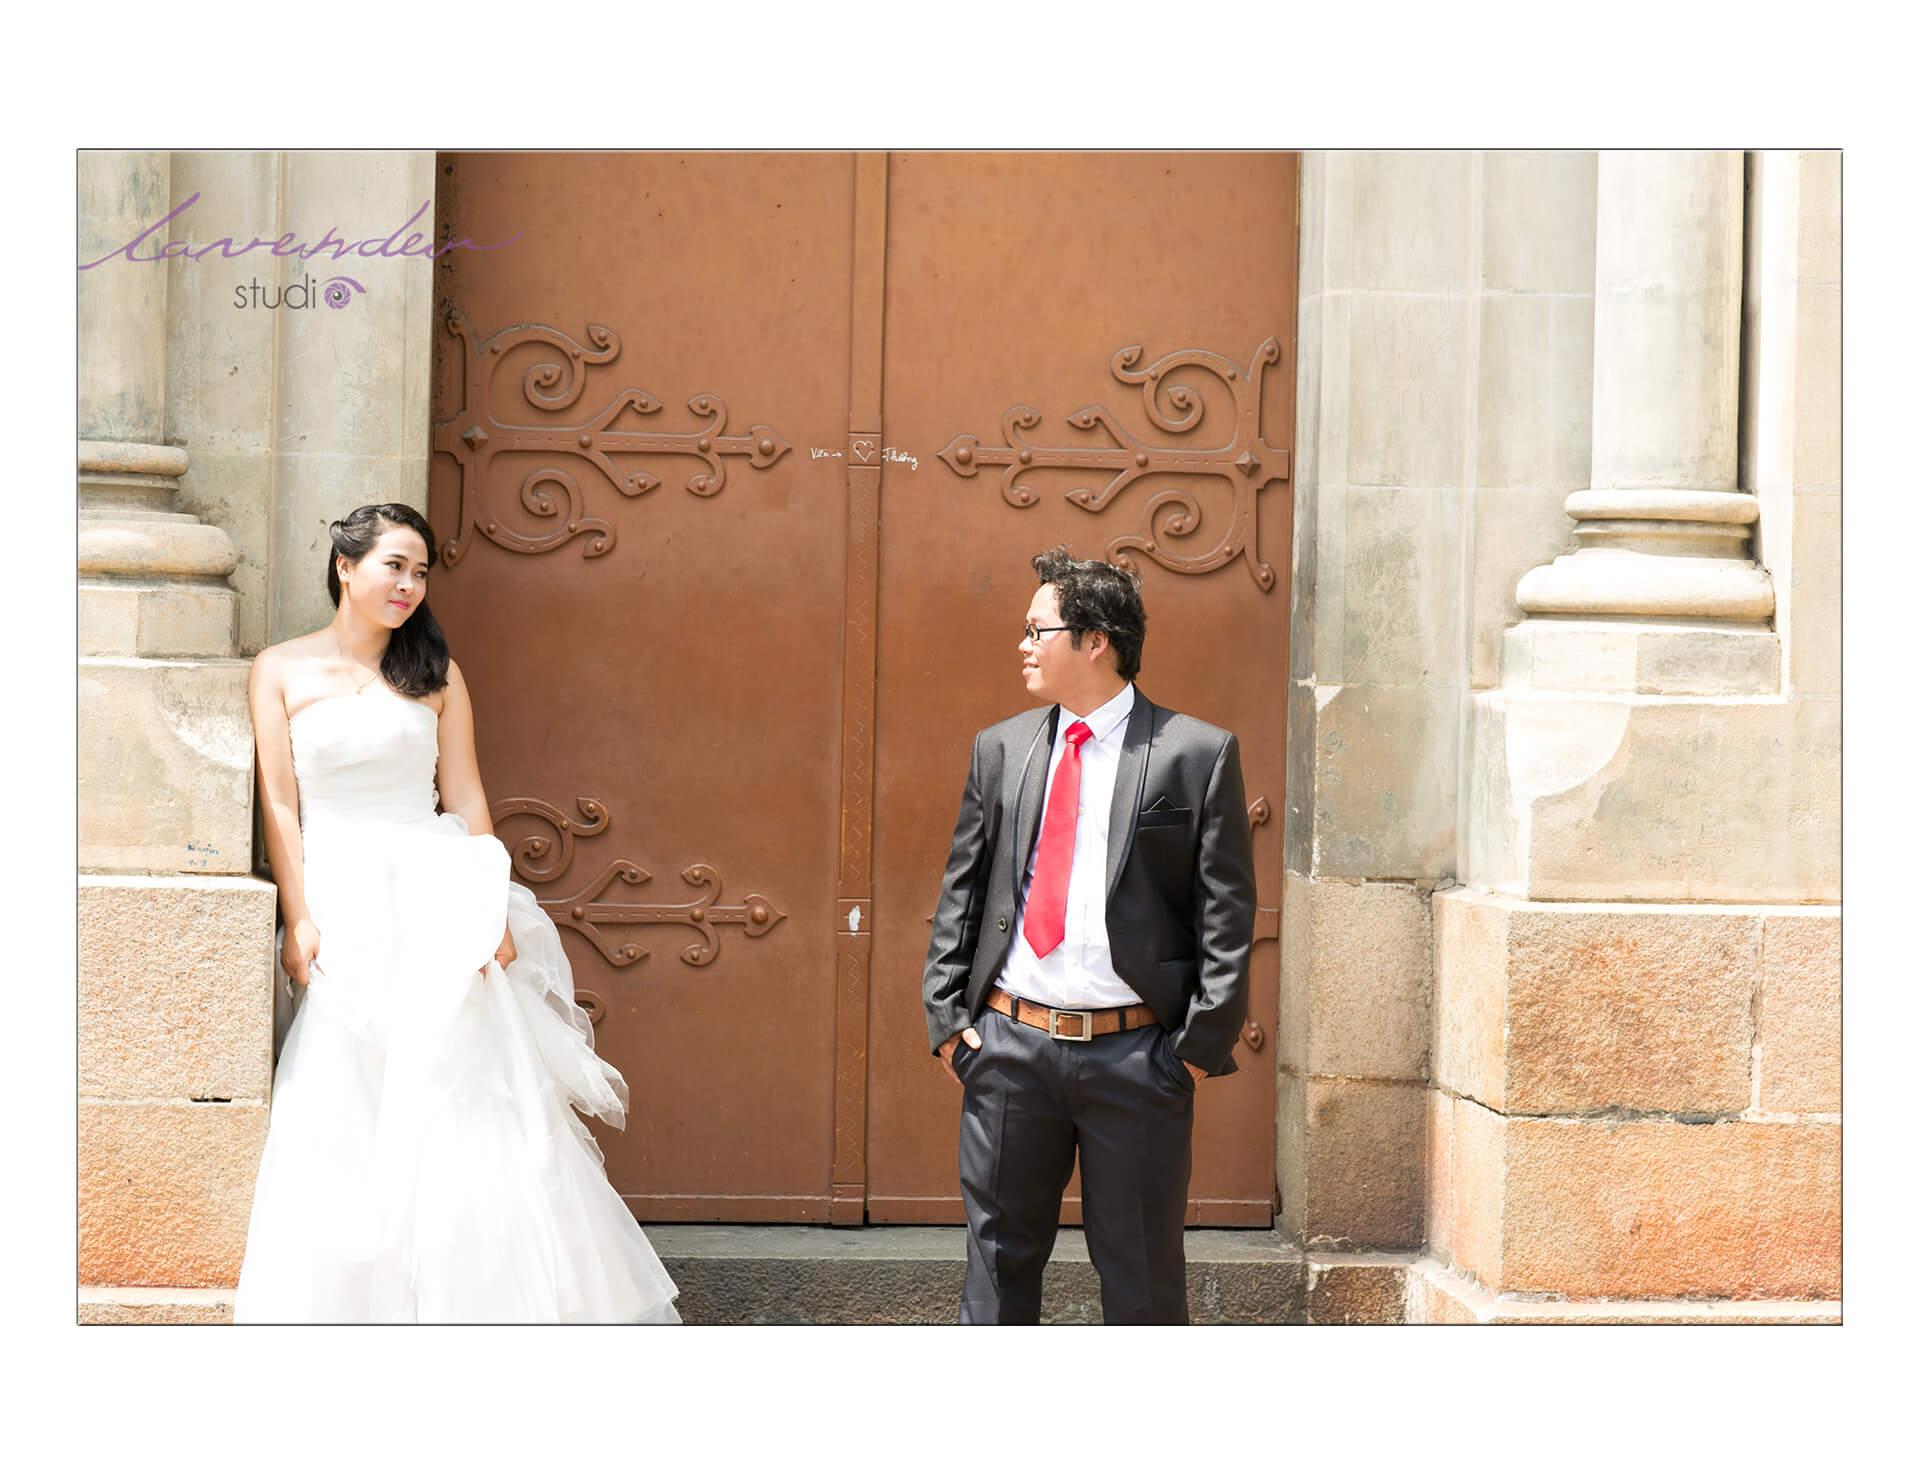 dịch vụ chụp ảnh cưới ở Sài gòn